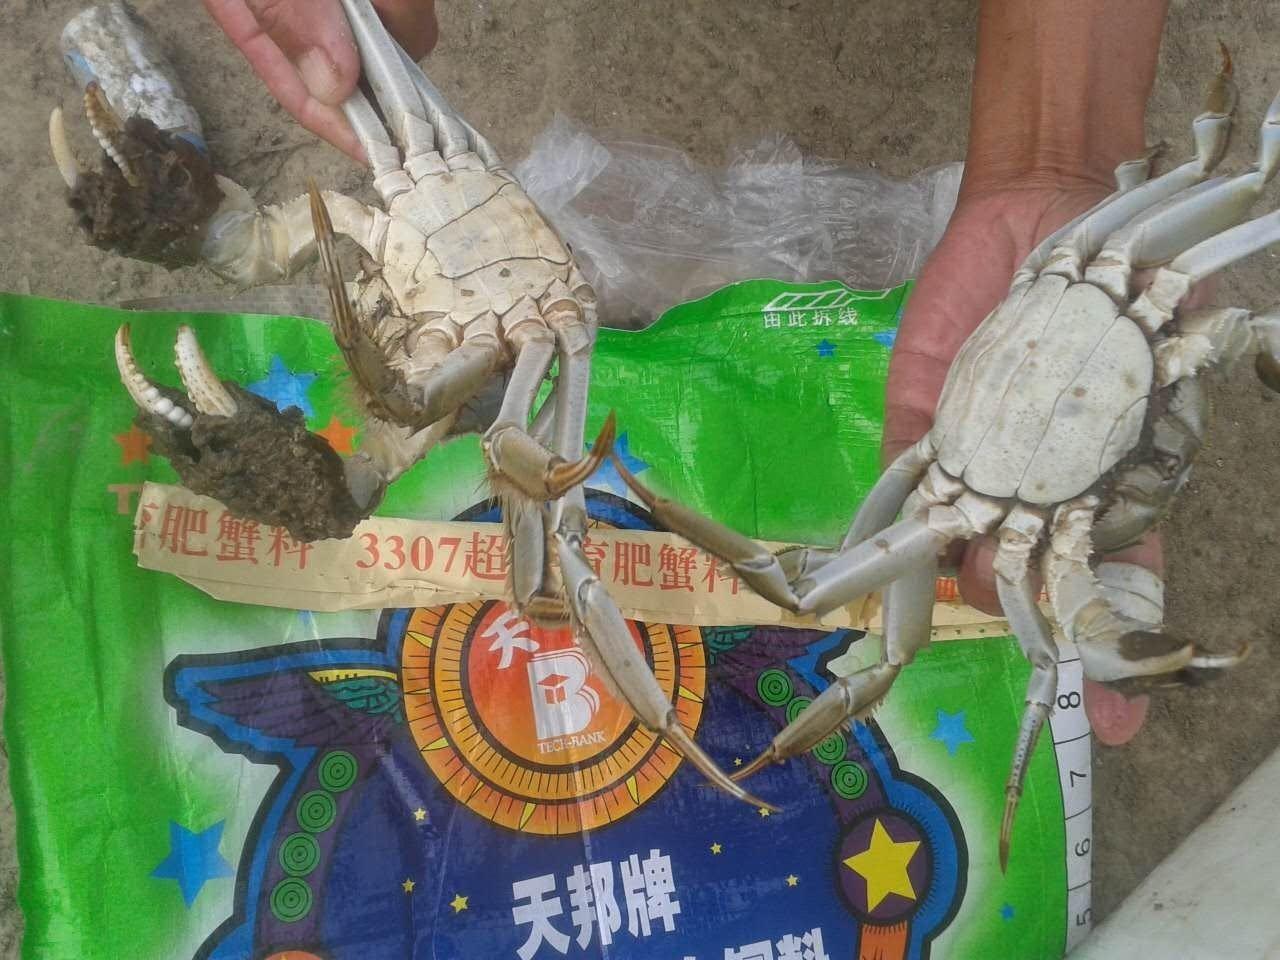 全熟化河蟹育肥料的氨基酸结构根据河蟹营养需求进行最优调整,可保持